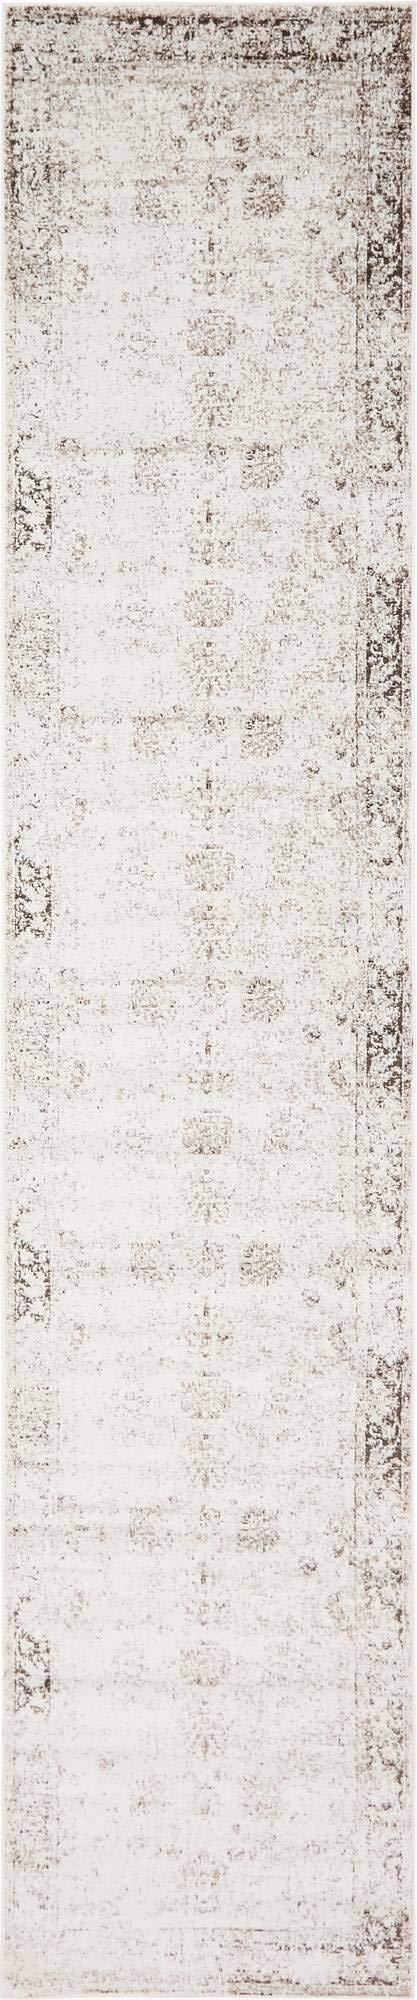 Unique Loom 3141350 Area Rug, 3' x 20' Runner, Beige